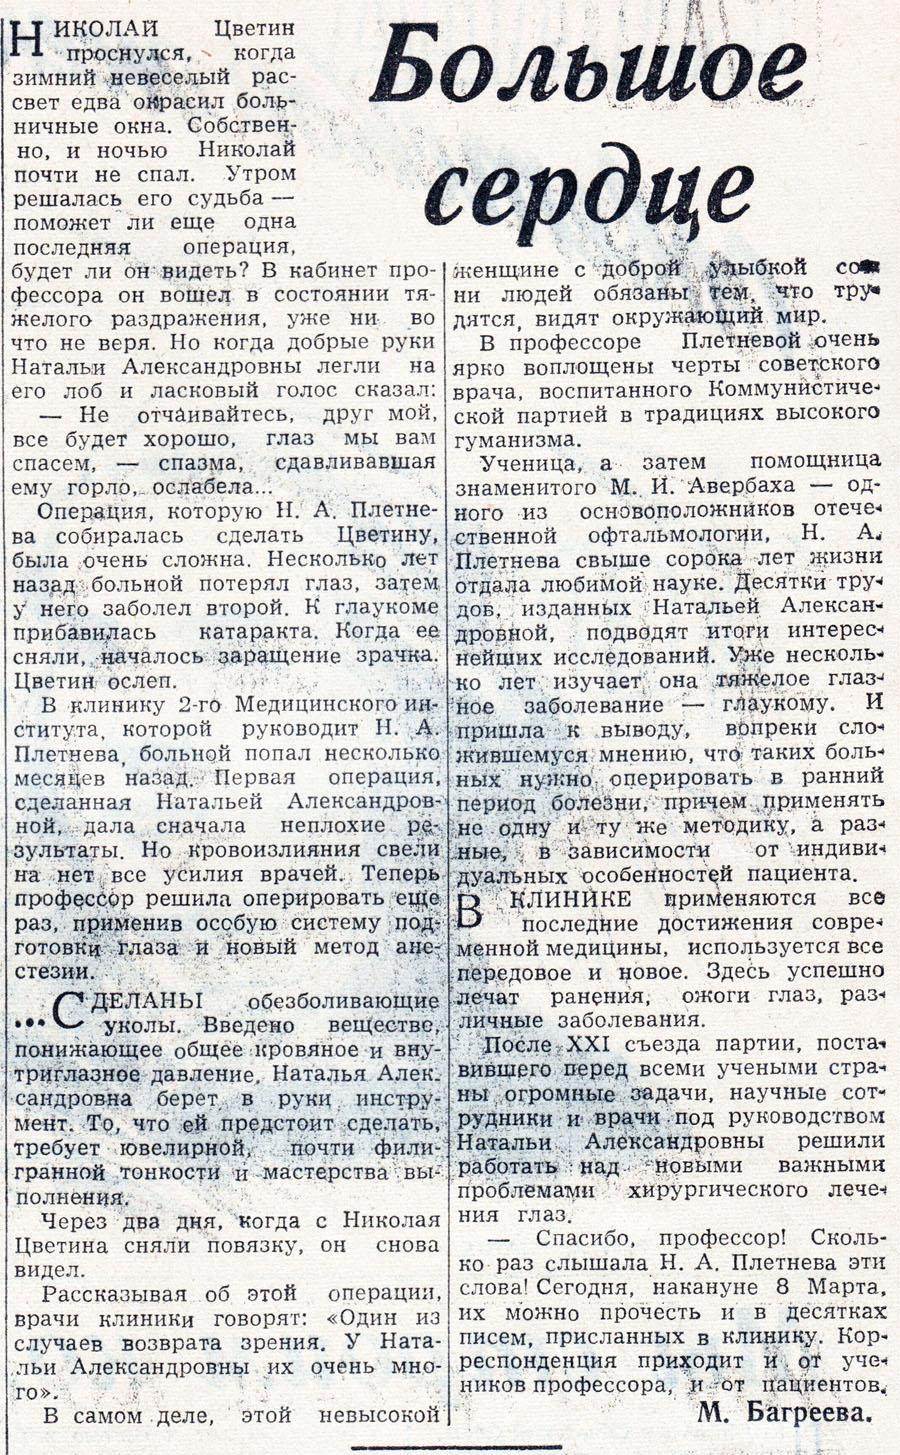 itwaslong.com_vmoskva59_bolshoe_serdce.jpg